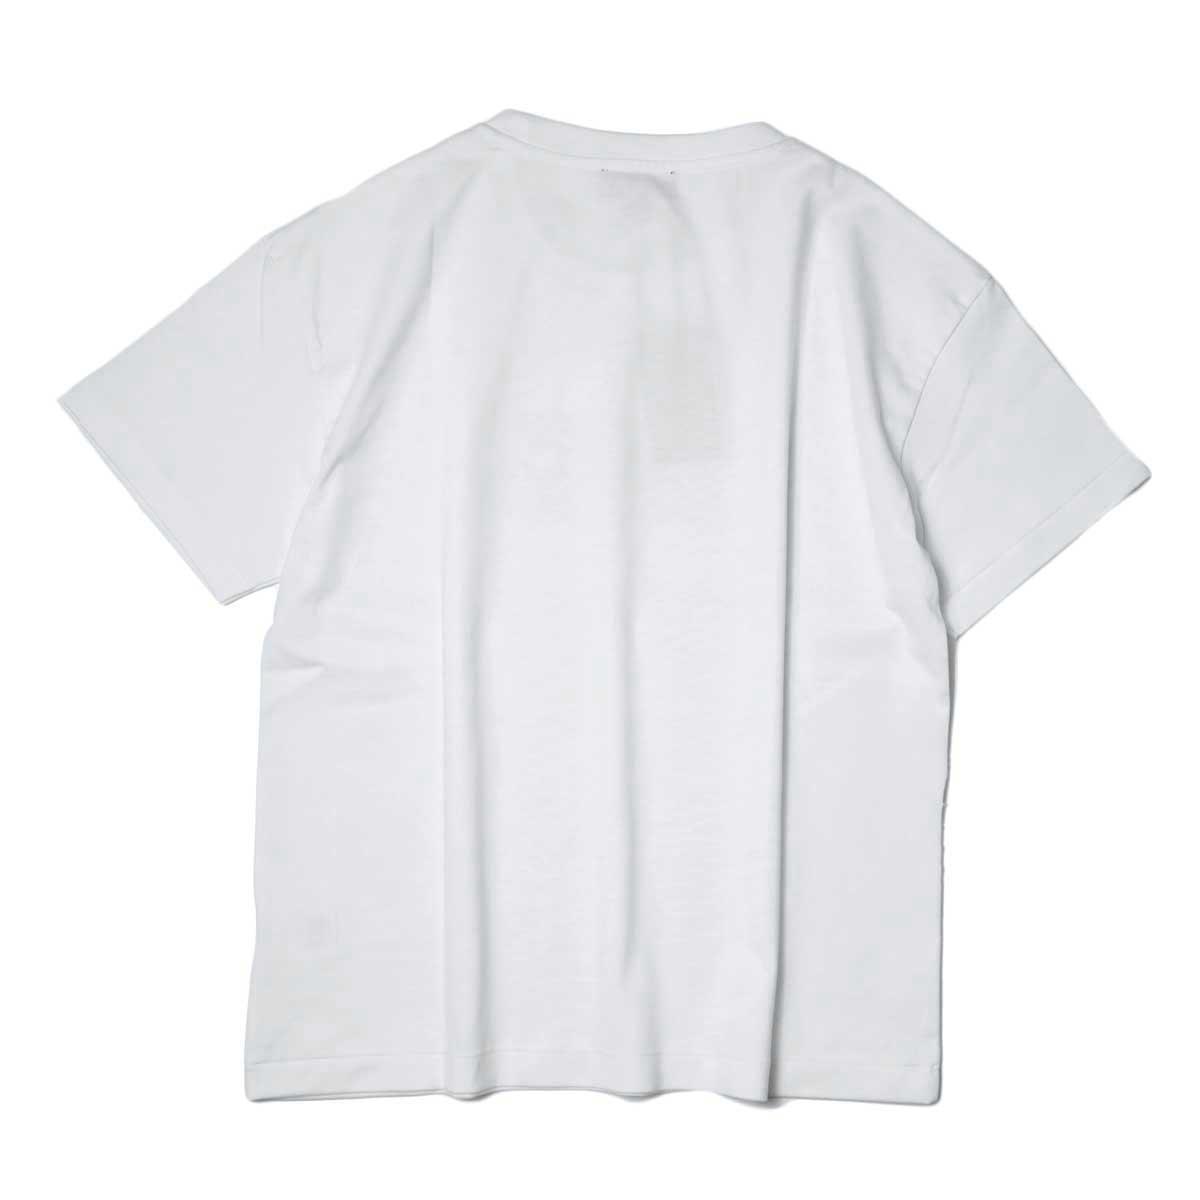 A.P.C. / Eliane Tシャツ 背面